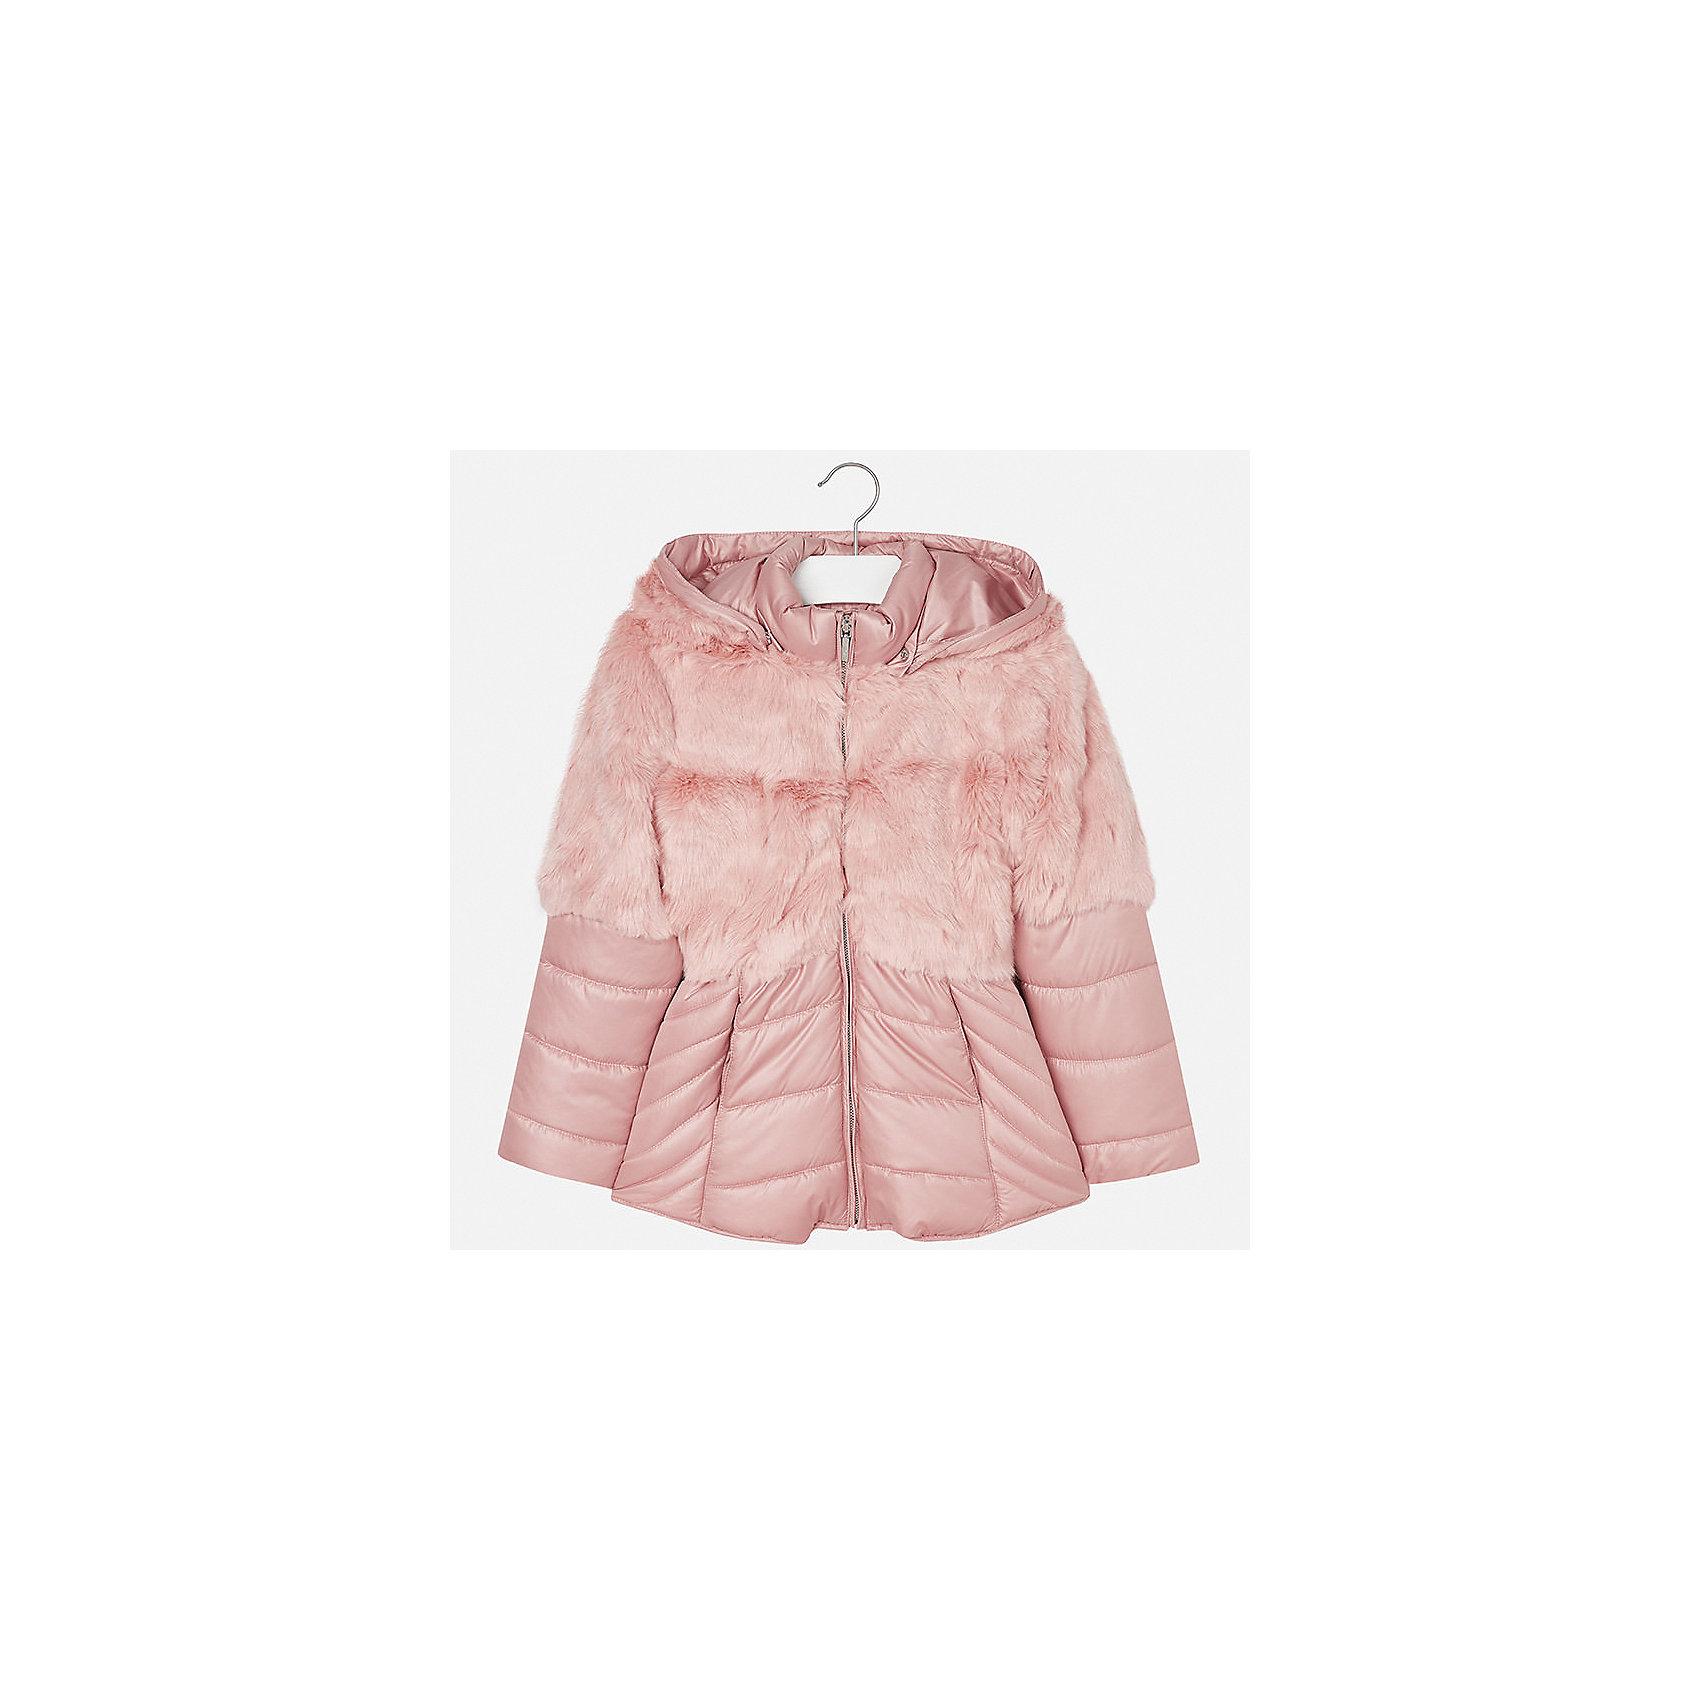 Куртка для девочки MayoralДемисезонные куртки<br>Характеристики товара:<br><br>• цвет: розовый<br>• состав ткани: 58% полиэстер, 42% акрил, подклад - 65% полиэстер, 35% хлопок, утеплитель - 100% полиэстер<br>• застежка: молния<br>• длинные рукава<br>• сезон: демисезон<br>• температурный режим: от  0 до -10<br>• страна бренда: Испания<br>• страна изготовитель: Индия<br><br>Эта демисезонная куртка поможет сделать образ стильным и оригинальным. Куртка с отделкой из искусственного меха снова стала одной из моднейших вещей. <br><br>В одежде от испанской компании Майорал ребенок будет выглядеть модно, а чувствовать себя - комфортно. Целая команда европейских талантливых дизайнеров работает над созданием стильных и оригинальных моделей одежды.<br><br>Куртку для девочки Mayoral (Майорал) можно купить в нашем интернет-магазине.<br><br>Ширина мм: 356<br>Глубина мм: 10<br>Высота мм: 245<br>Вес г: 519<br>Цвет: розовый<br>Возраст от месяцев: 168<br>Возраст до месяцев: 180<br>Пол: Женский<br>Возраст: Детский<br>Размер: 170,128/134,140,152,158,164<br>SKU: 6922073